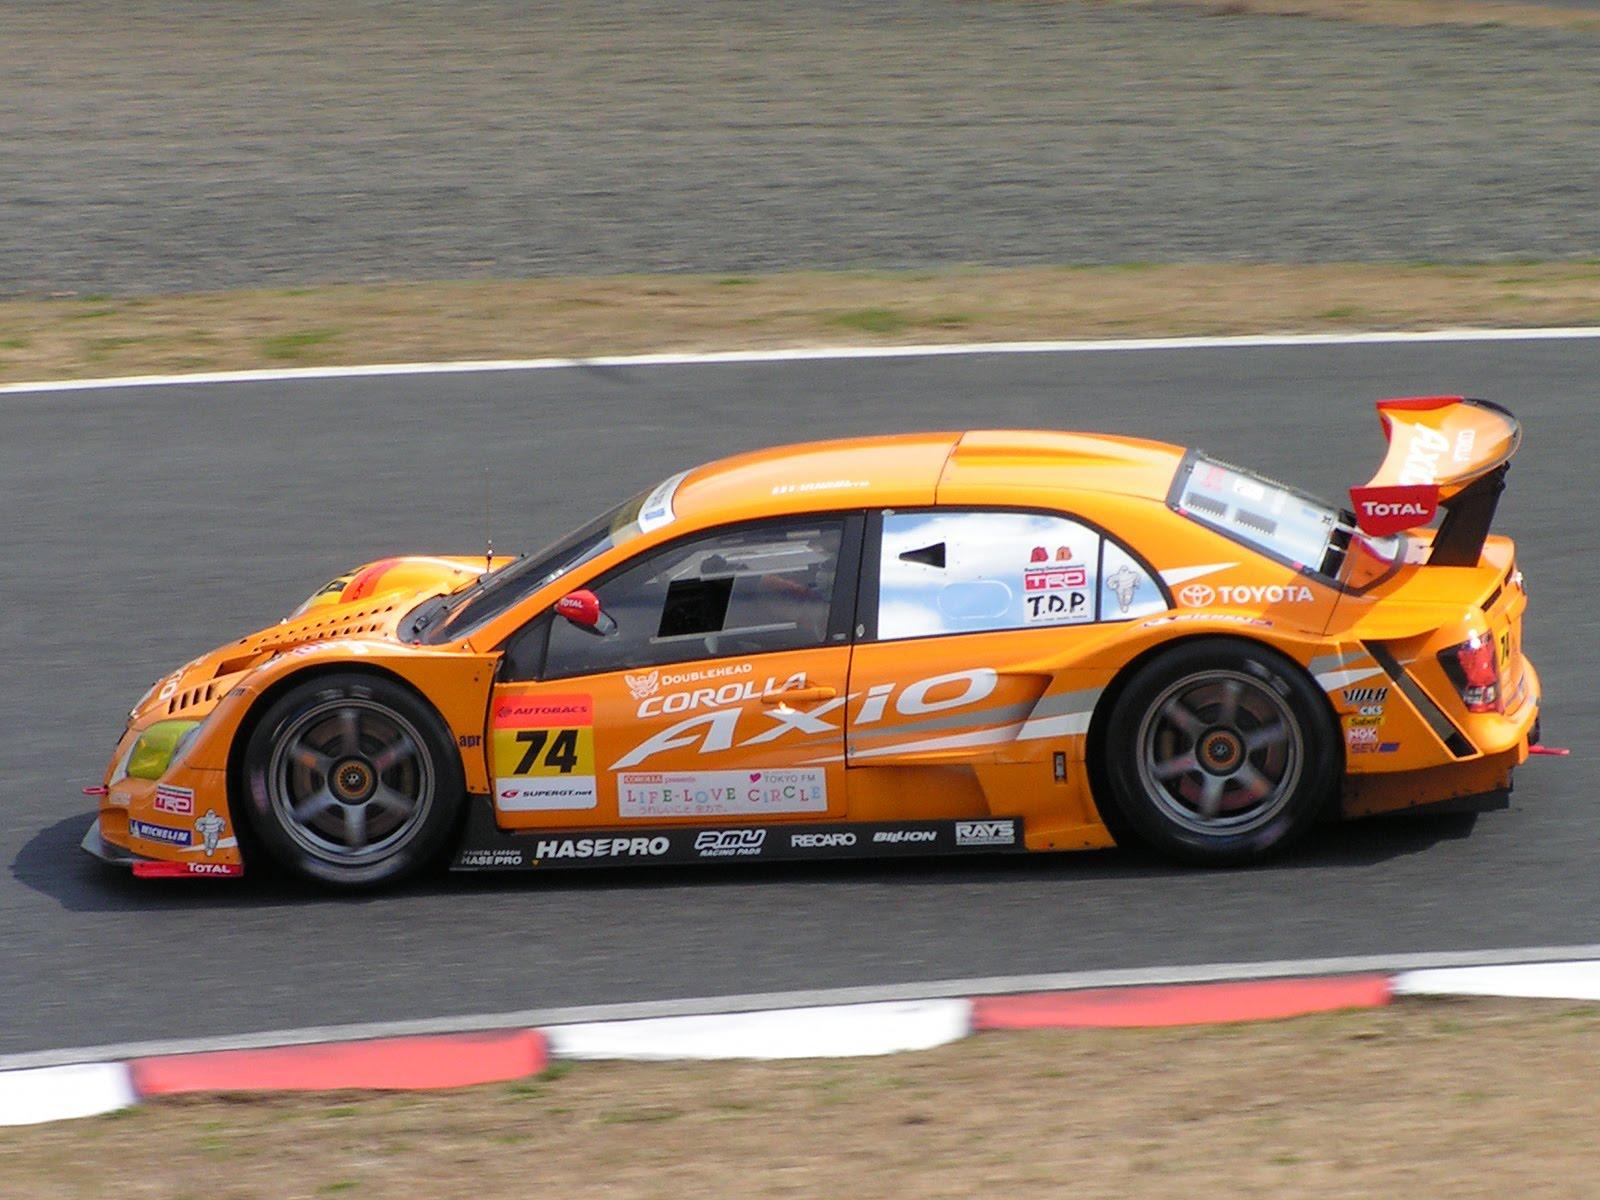 http://4.bp.blogspot.com/_o56-XkQKgV0/S-BKho9vdXI/AAAAAAAAAgs/MXnNZMOkQBo/s1600/%2374_Toyota_Corolla_Axio_01.jpg